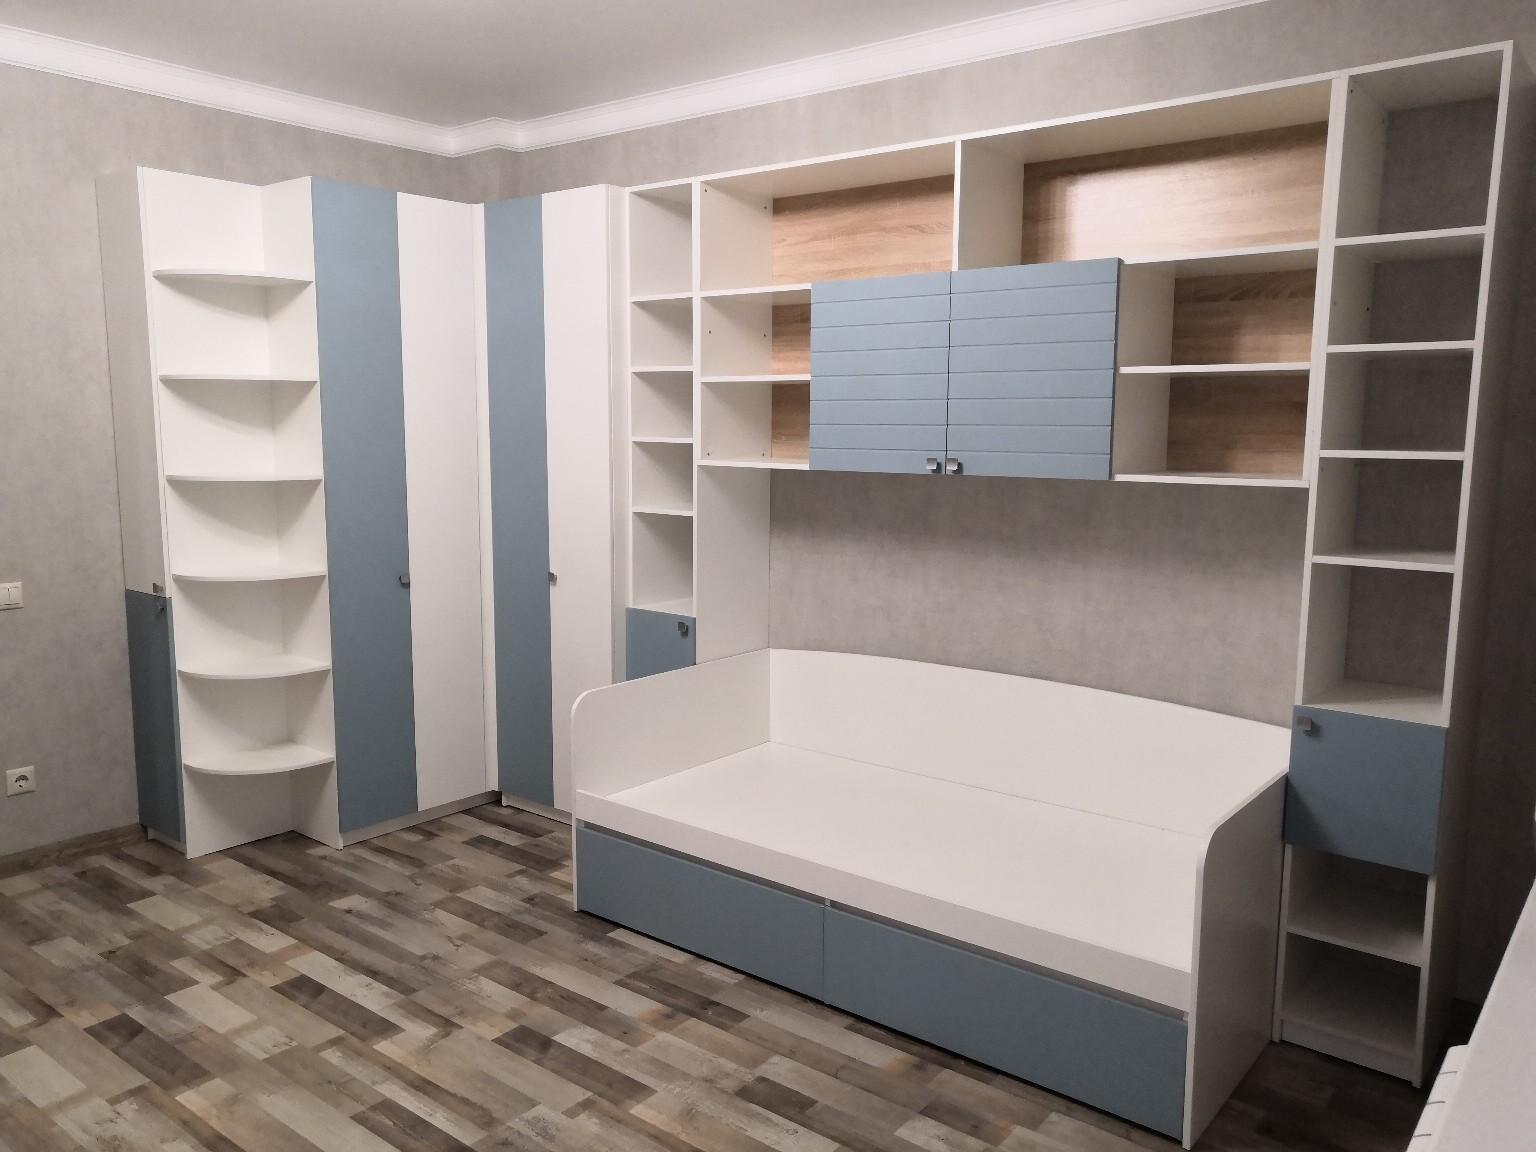 мебель для детской в Воронеже, мебель на заказ Воронеж, Воронеж, детская для мальчика в Воронеже